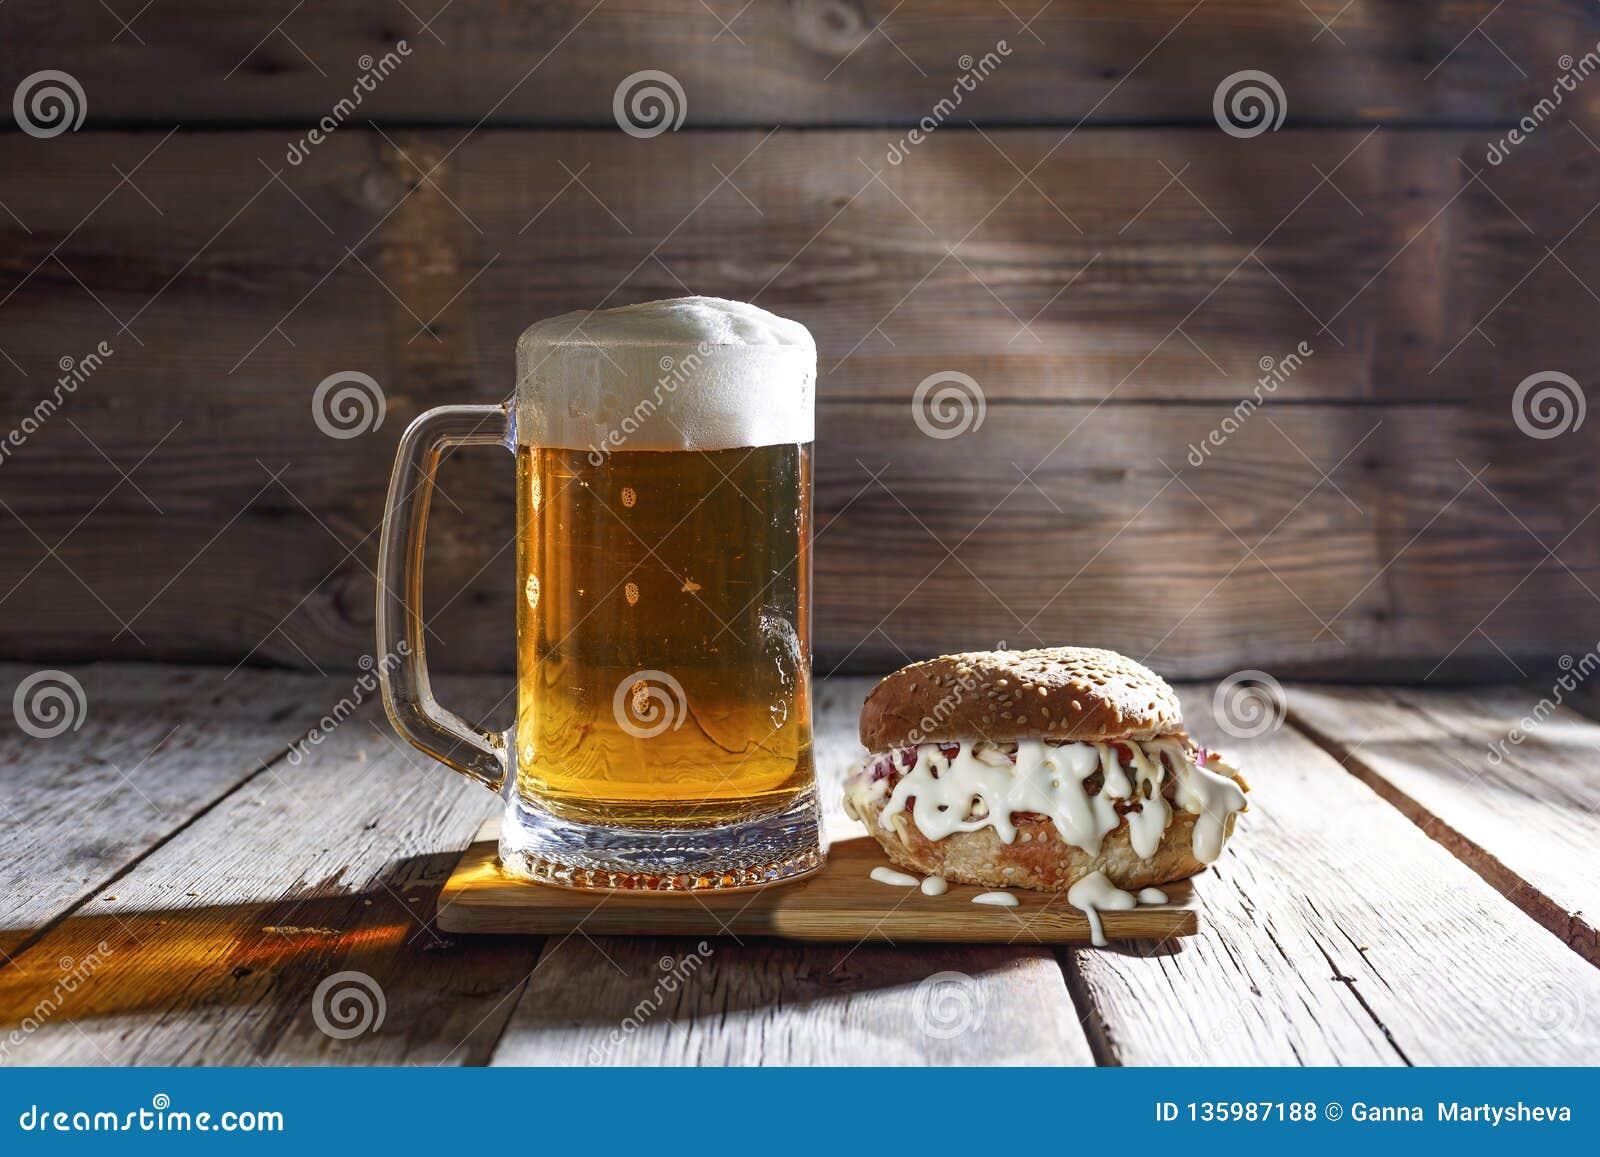 Mug Of Beer Tasty Burger Food Gourmet Meal Beer Meat Cheese Stock Photo Image Of Cuisine Beer 135987188